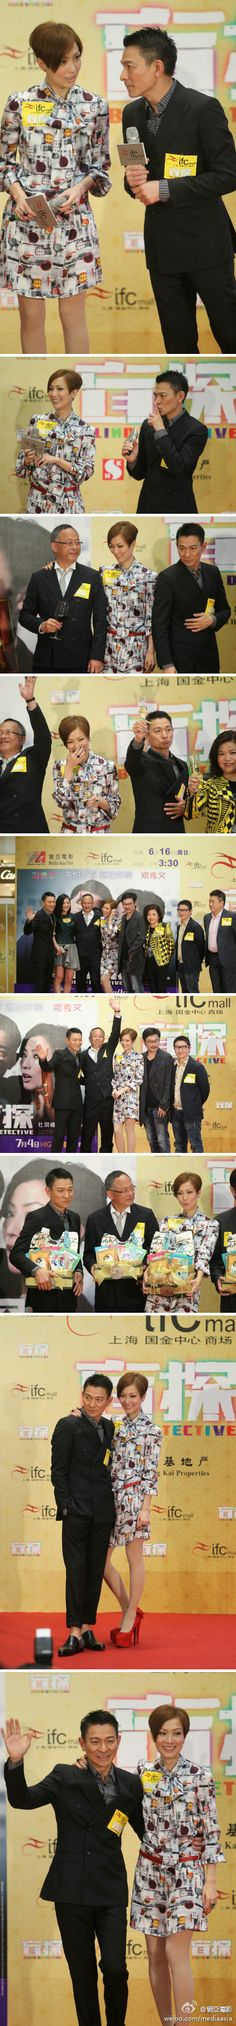 導演杜琪峯、監製韋家輝、編劇游乃海與劉德華及鄭秀文於上海國金中心商場出席《盲探》上海電影發佈會。